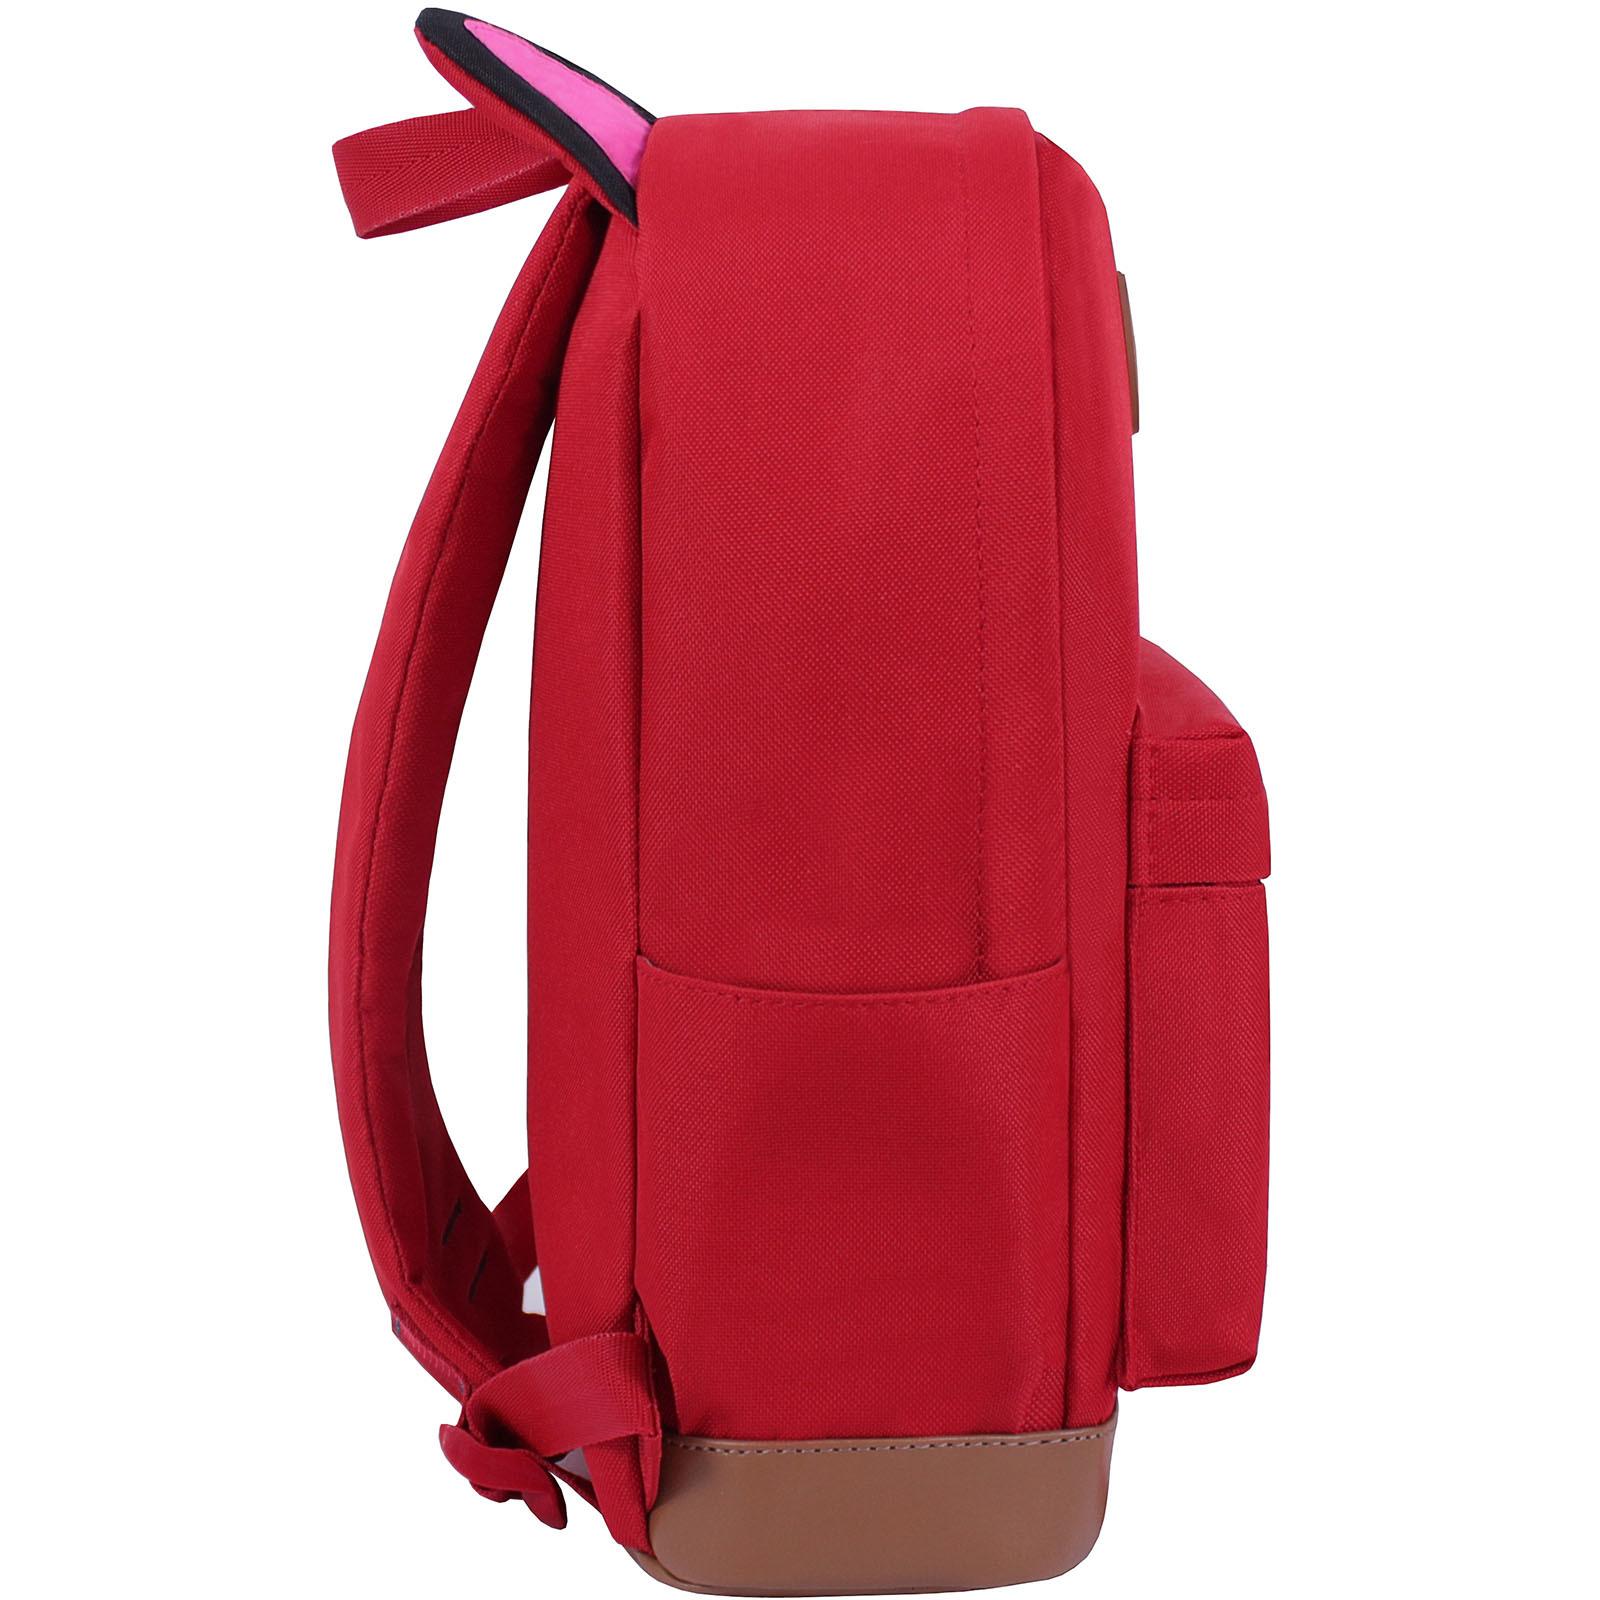 Рюкзак Bagland Ears красный (0054566) фото 2